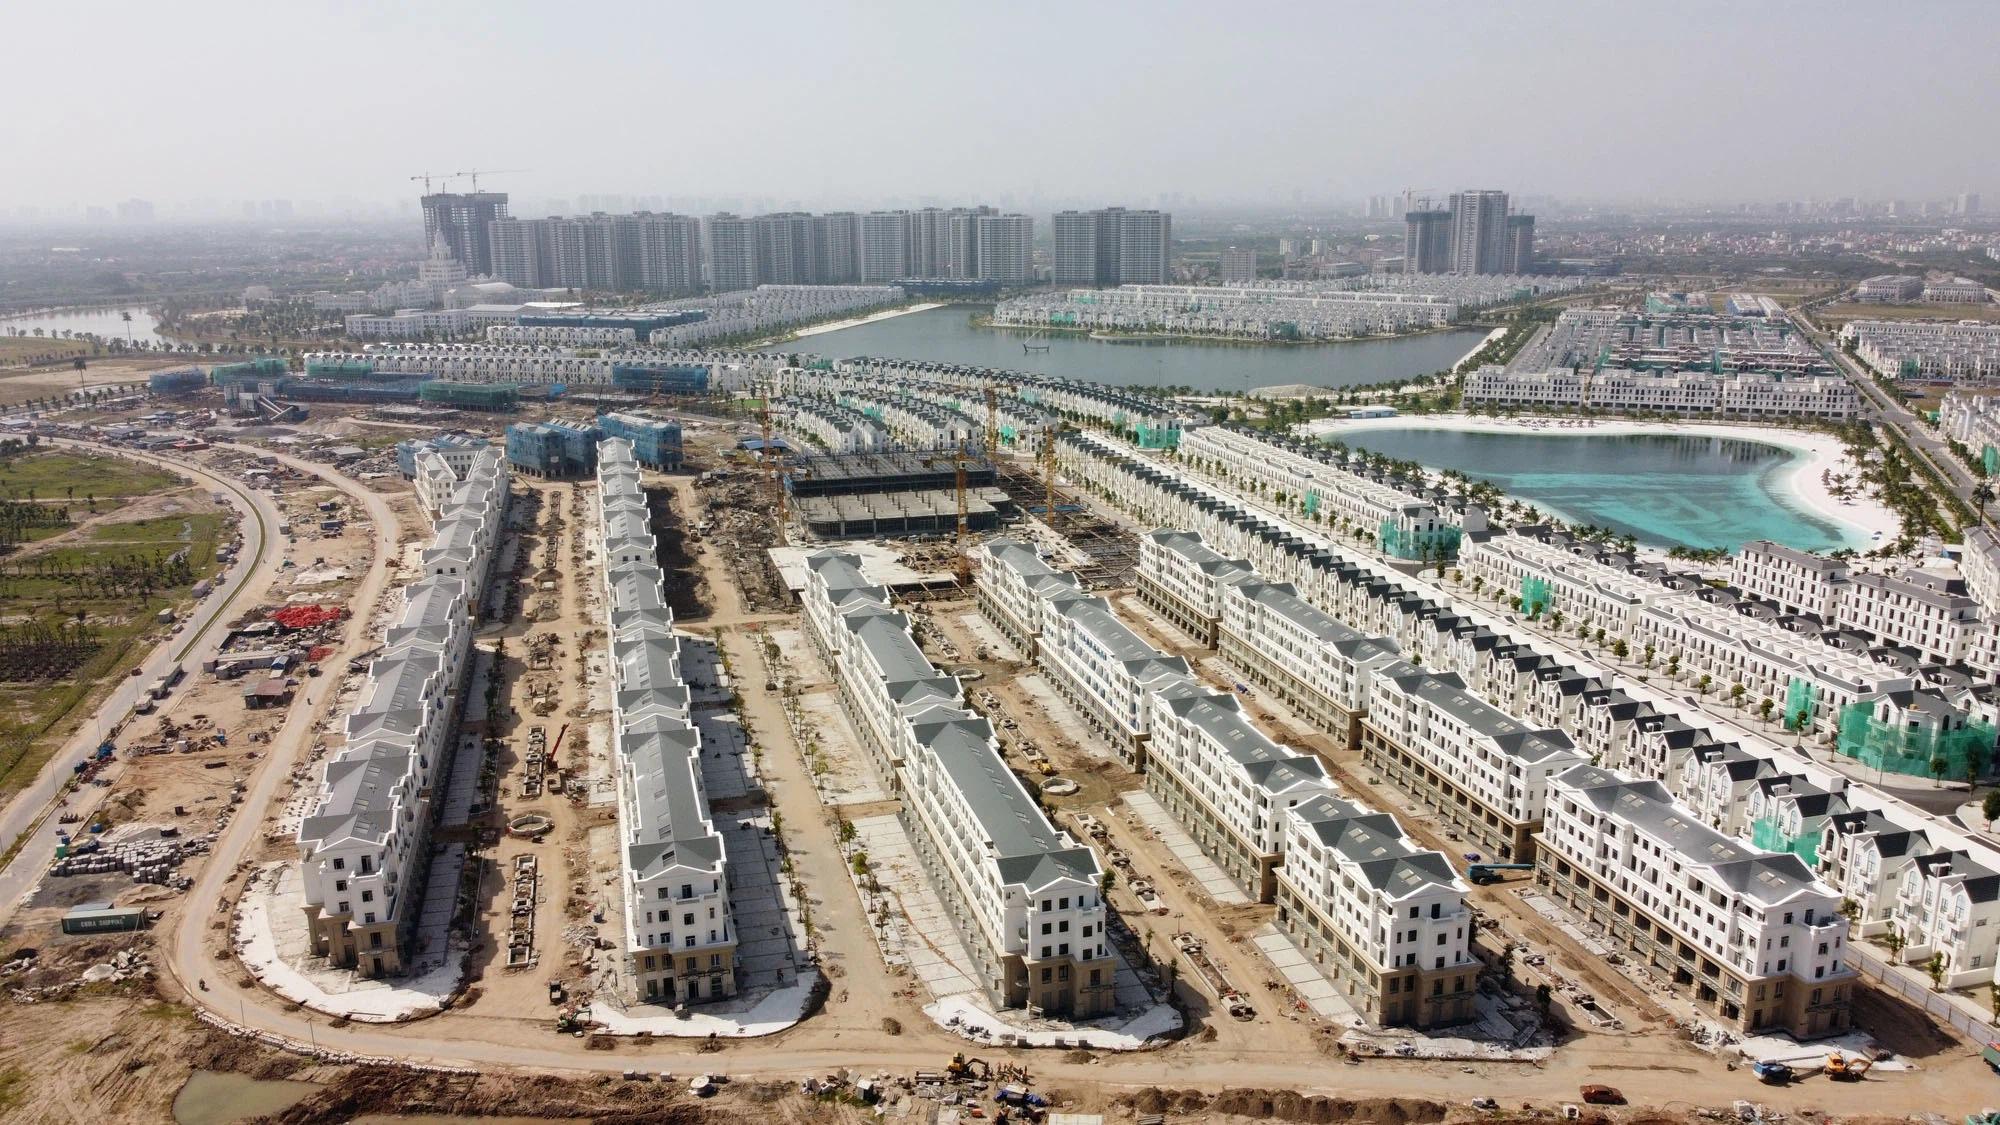 Vingroup sẽ làm sân golf, trung tâm thương mại ở Hà Nội hơn 200 ha - Ảnh 1.